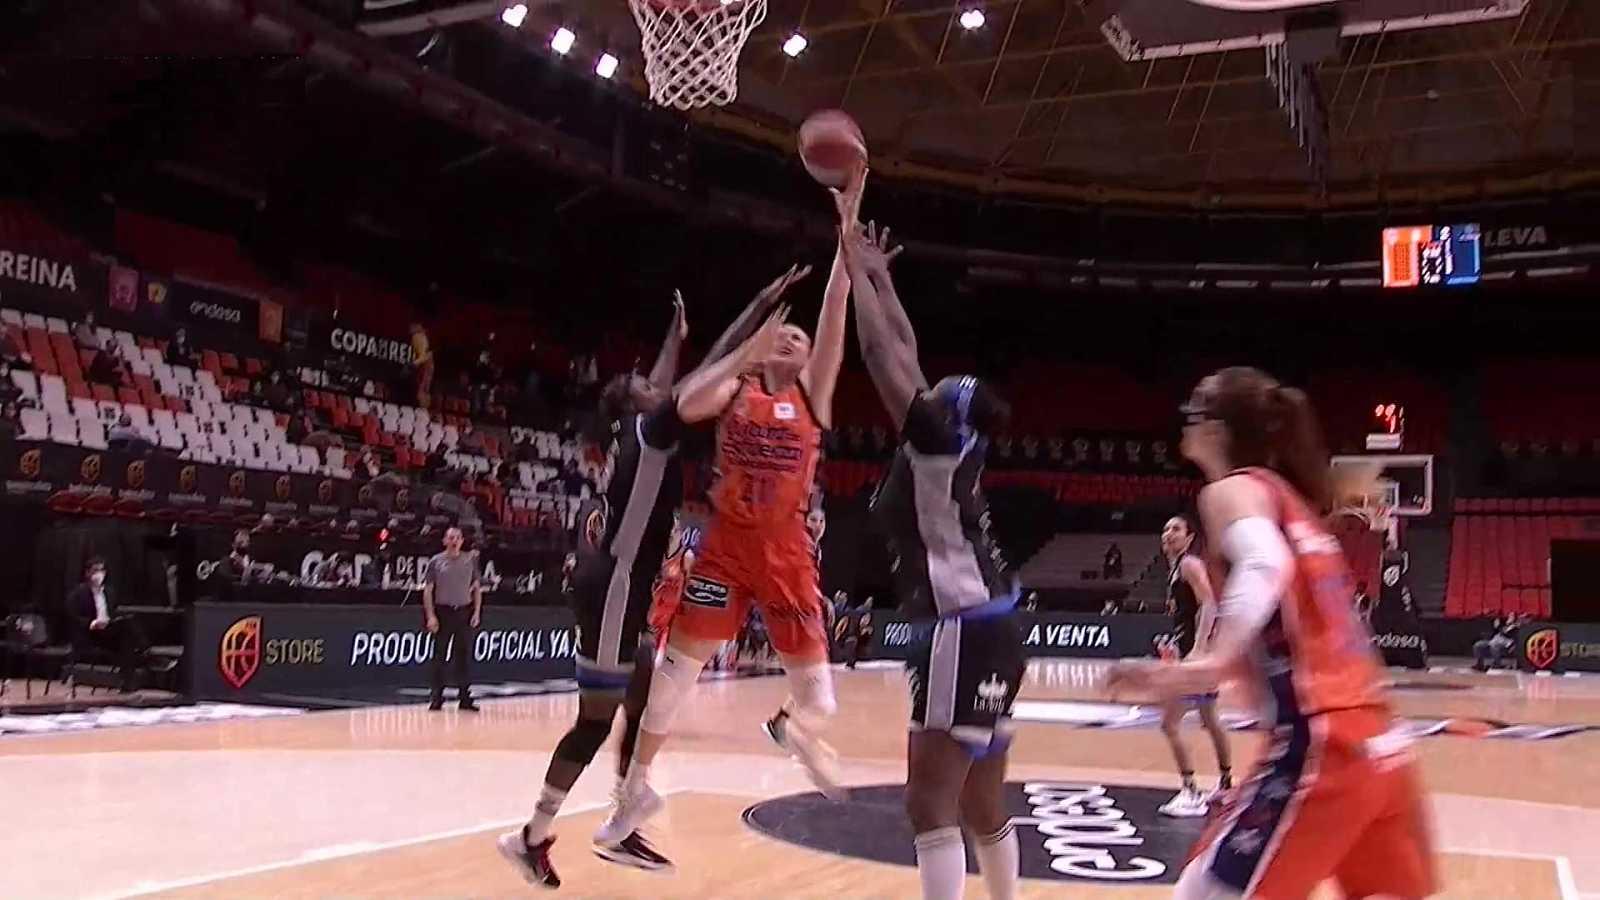 Baloncesto - Copa de la Reina 2021. 1/4 Final: Valencia Basket - IDK Euskotren - ver ahora